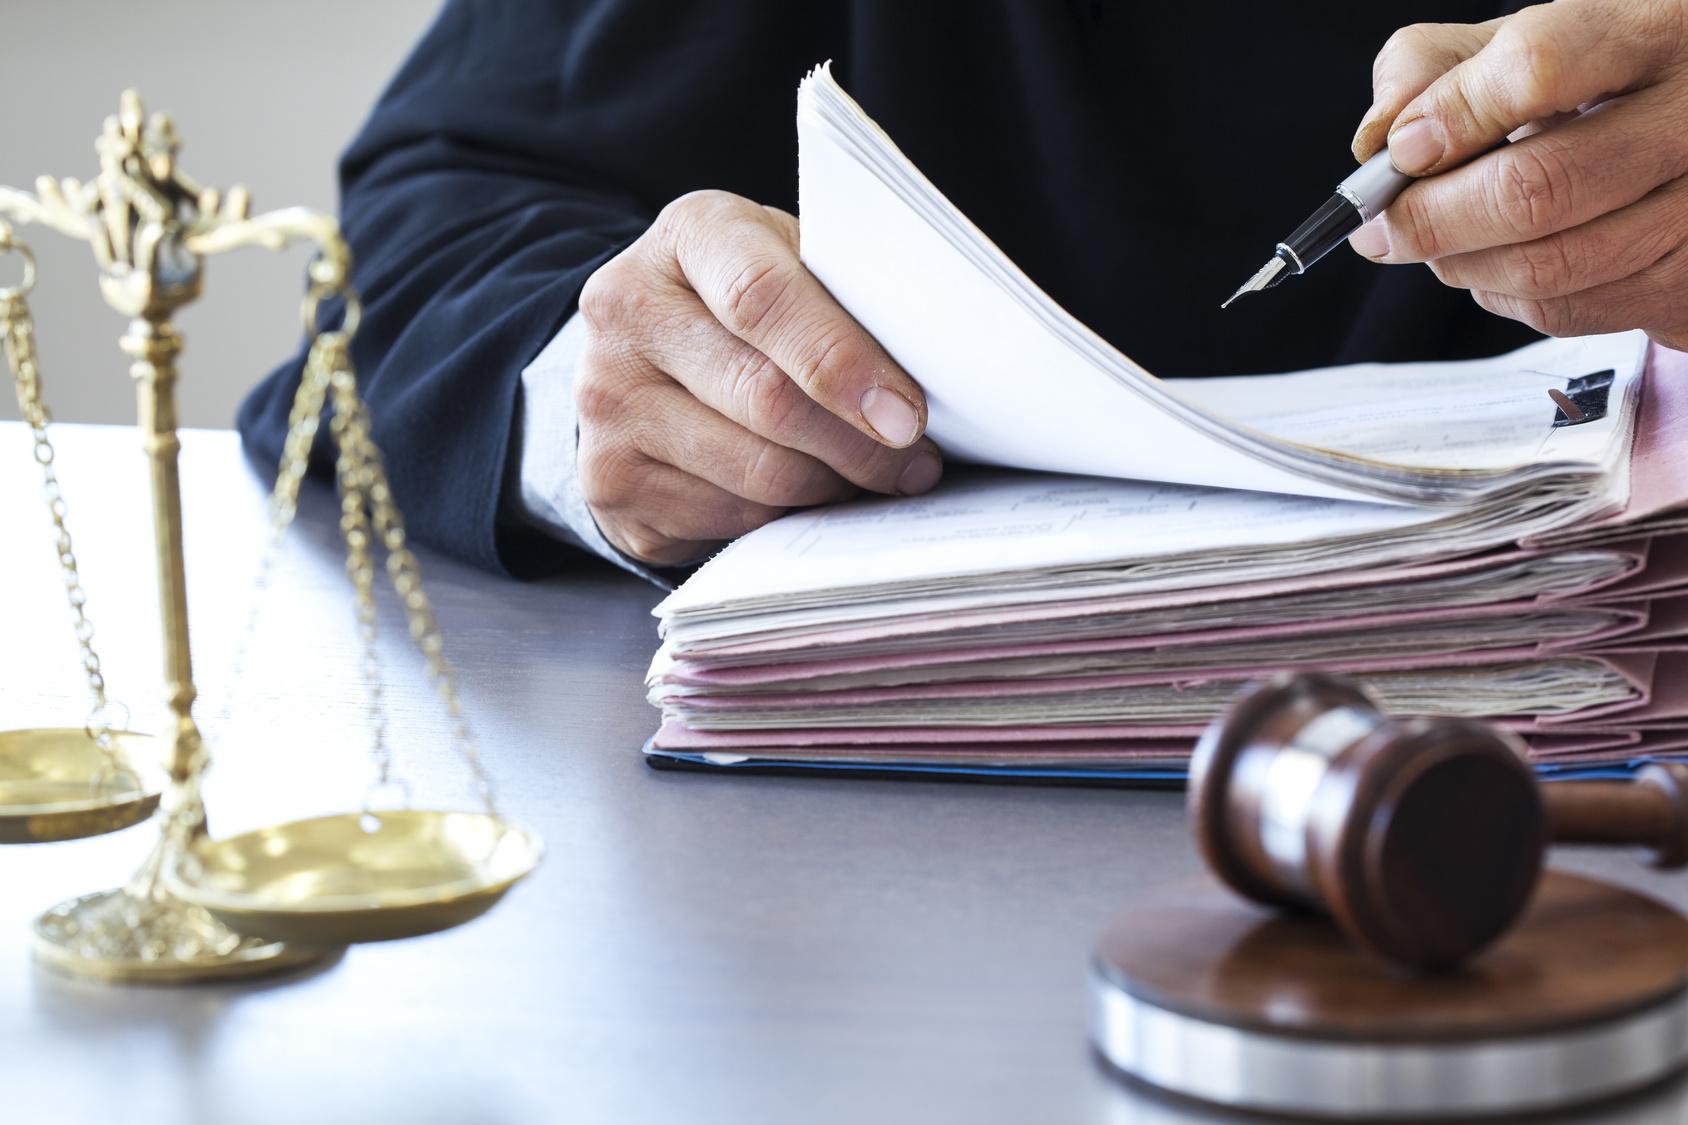 Résiliation annuelle de l'assurance emprunteur avec la loi Sapin 2